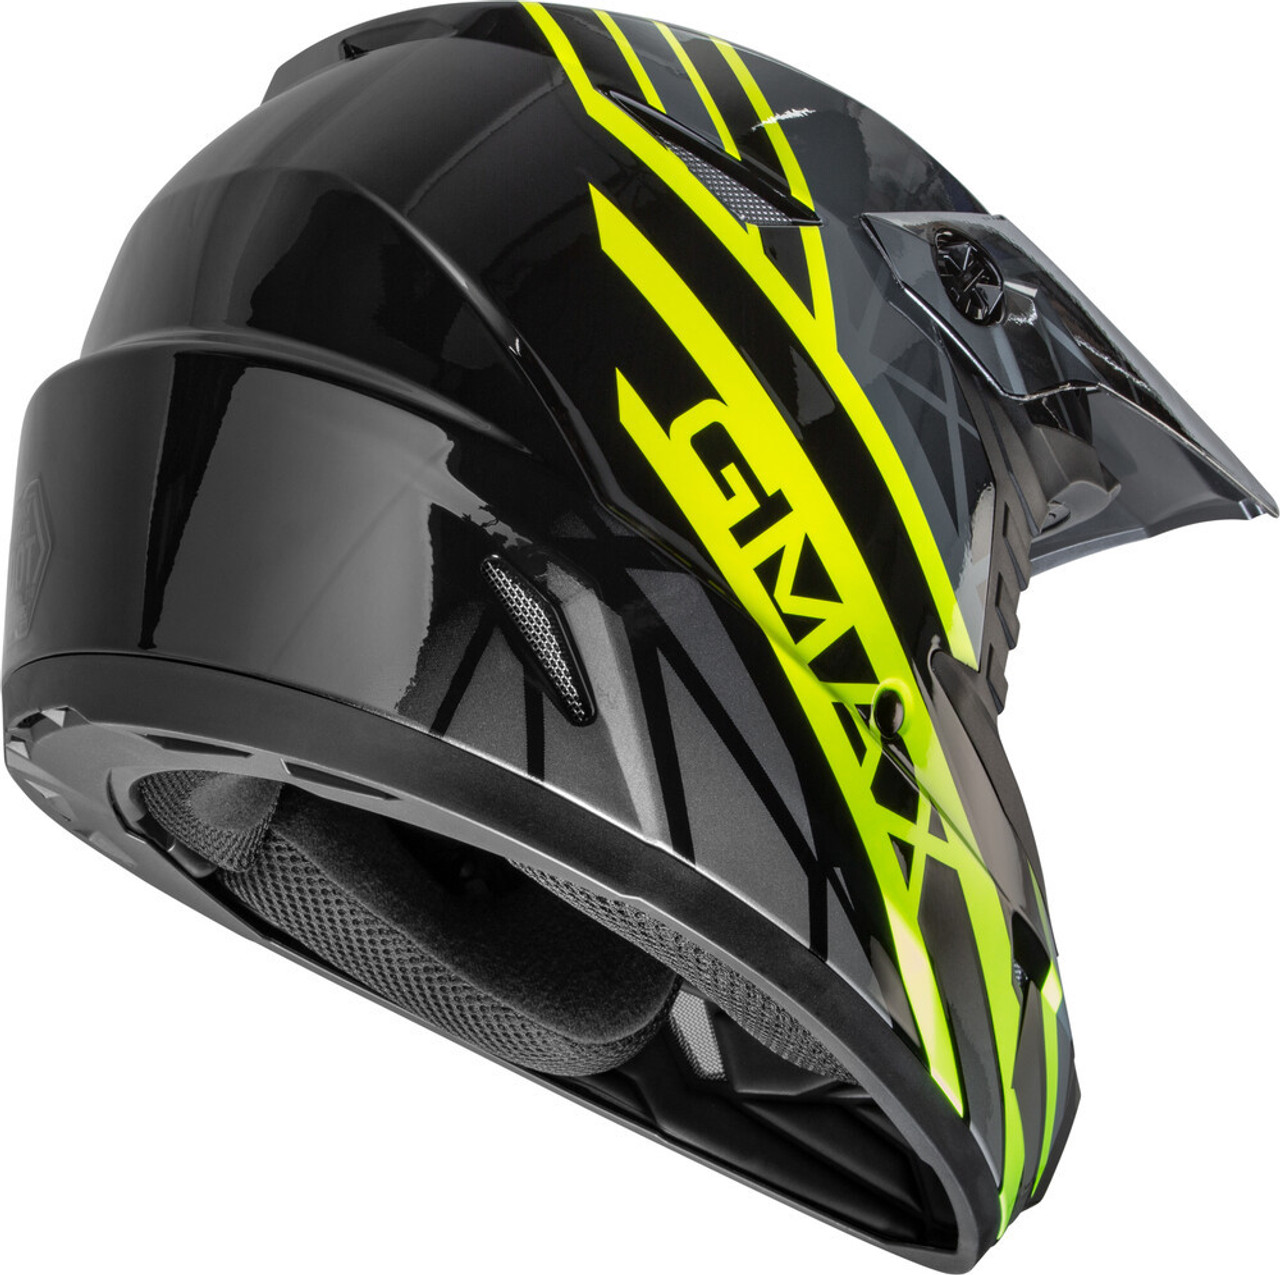 GMAX MX-46 Mega Off-Road Helmet Black/Hi-Vis/Grey